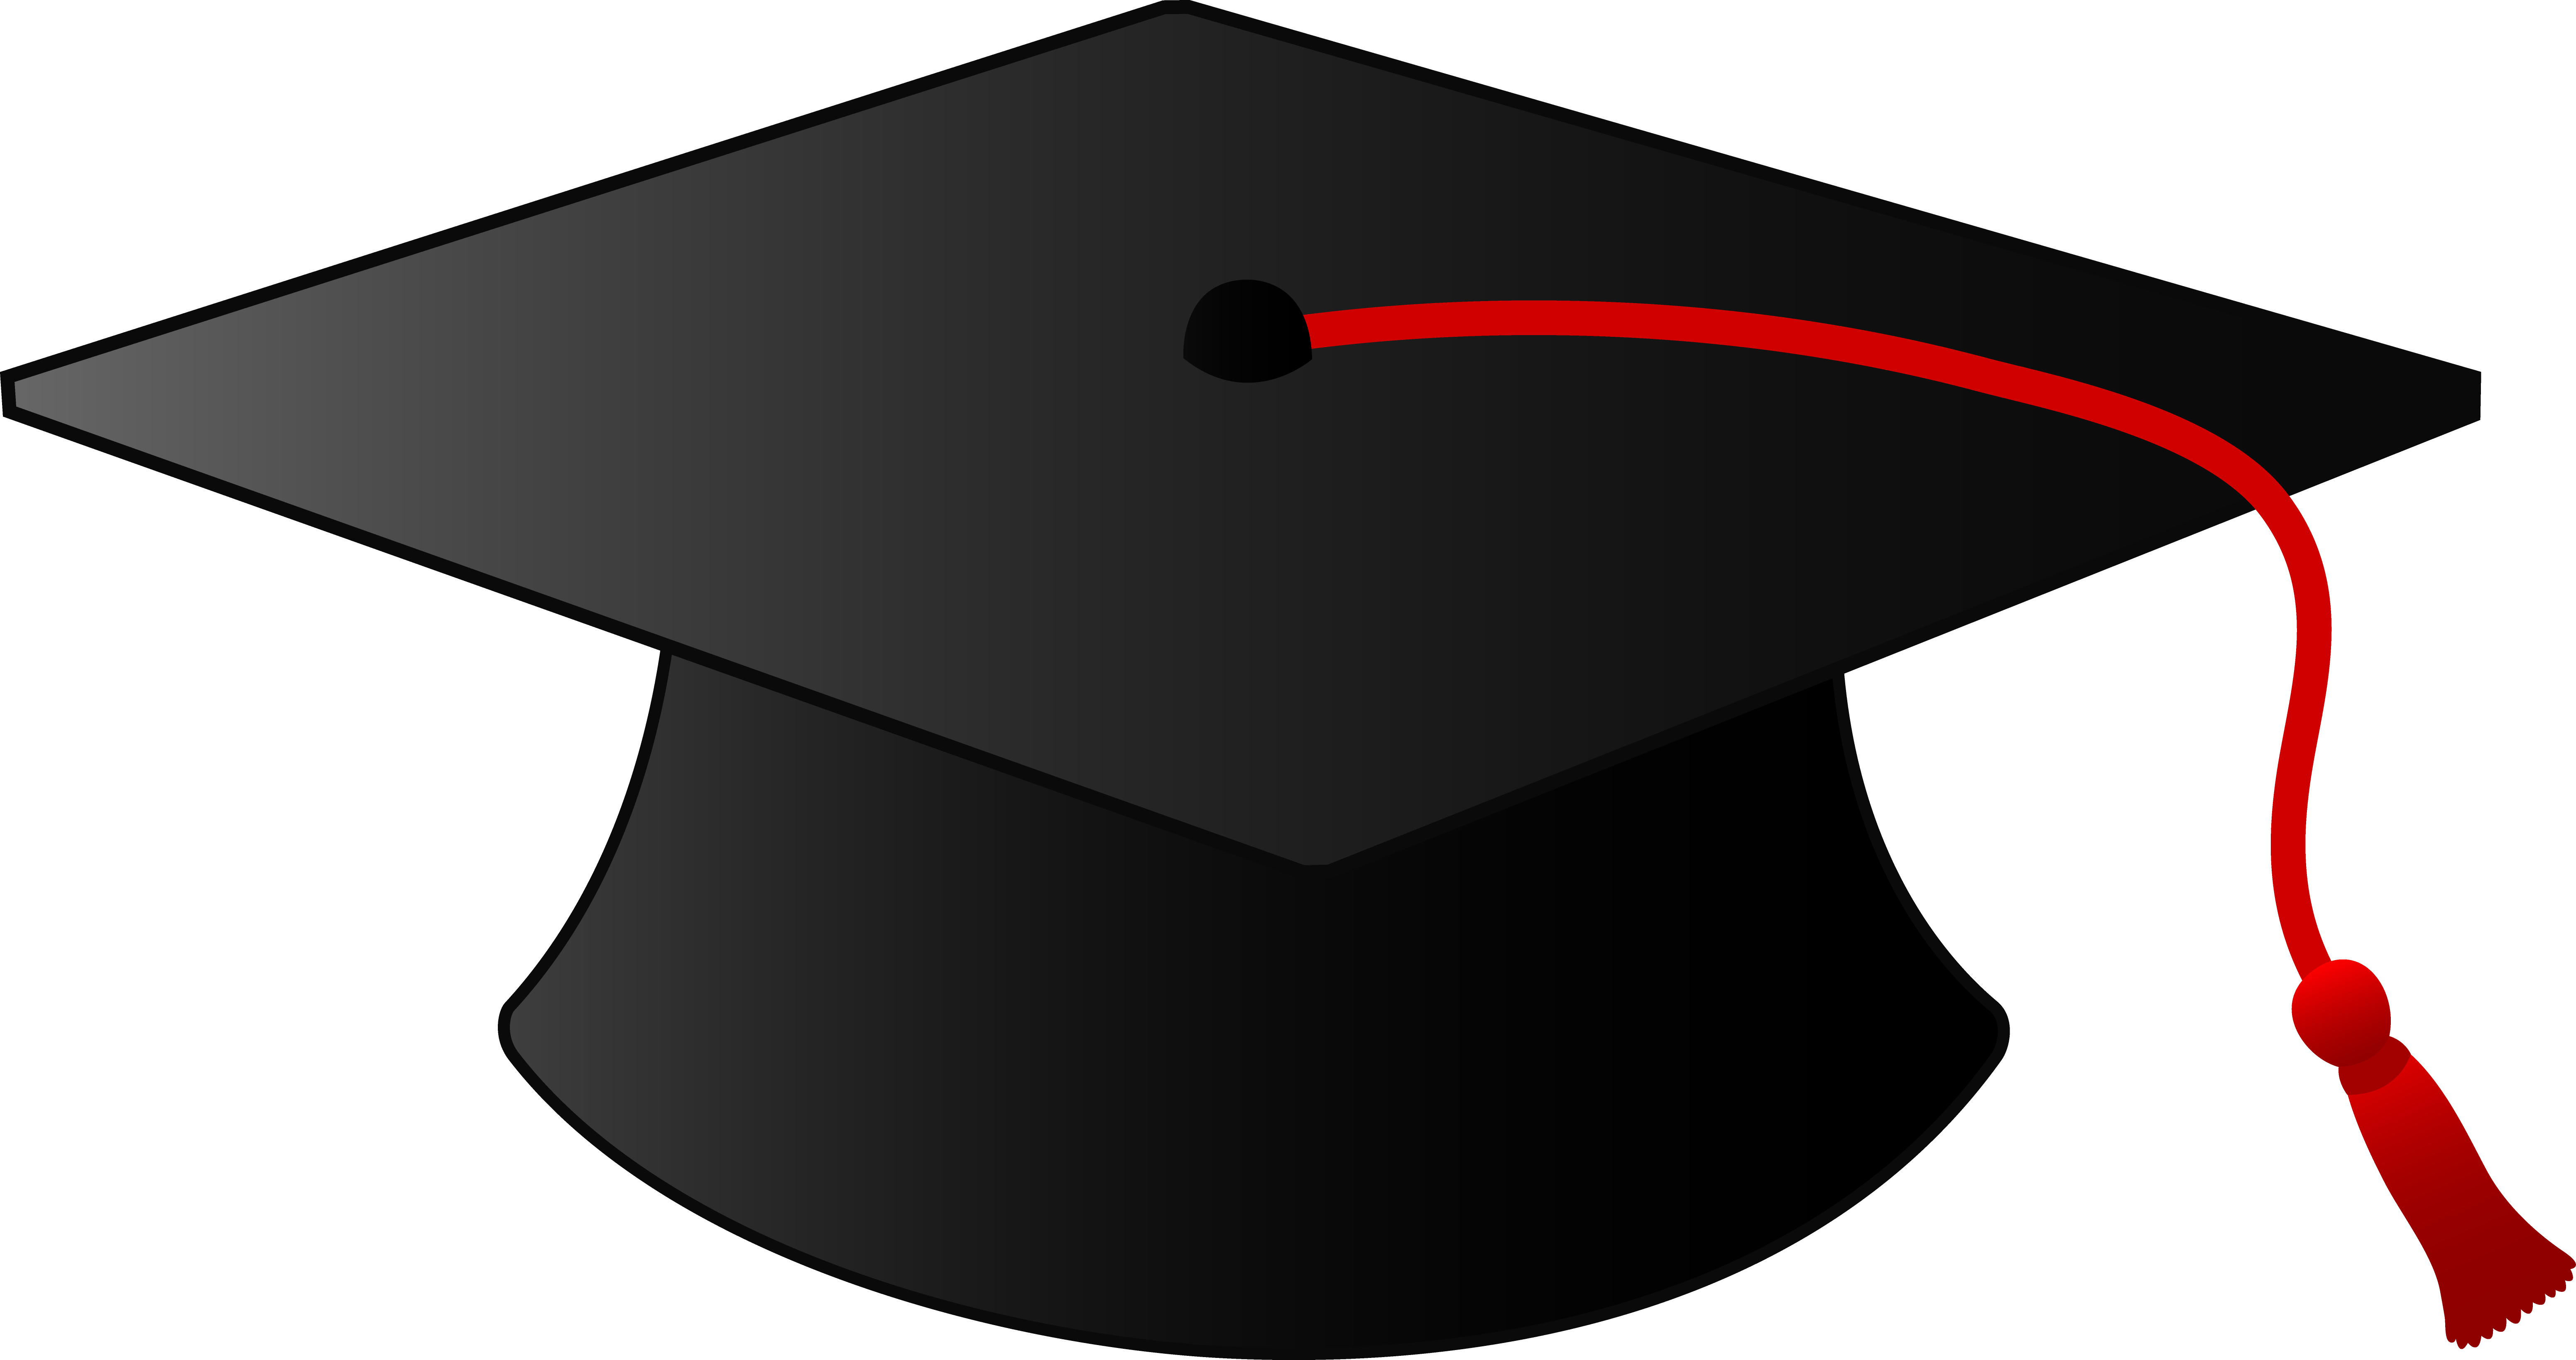 Clipart graduation hat - .